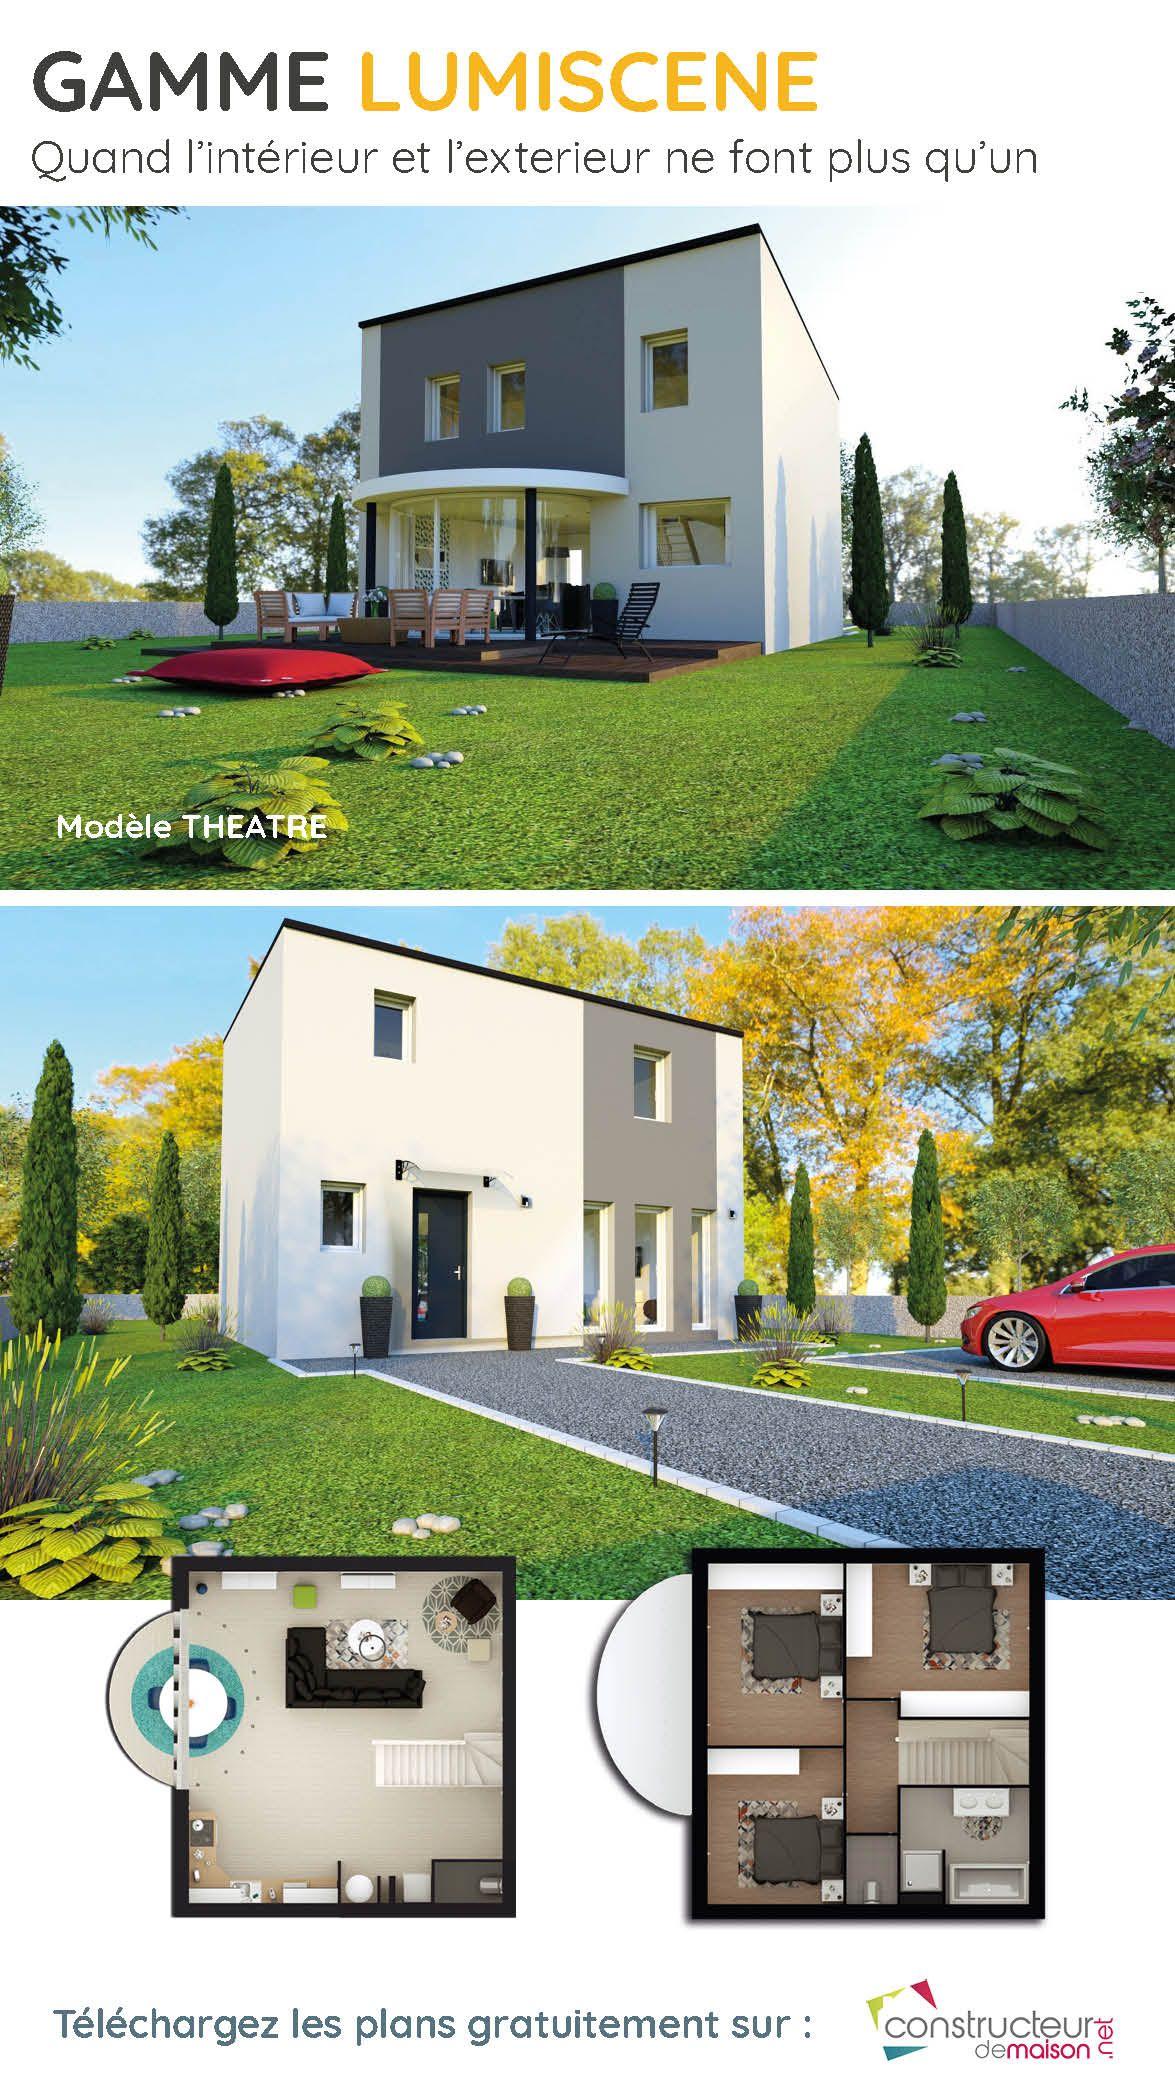 Architecte Jardin 3D Gratuit côté jardin, la verrière courbe vient rompre l'esthétique